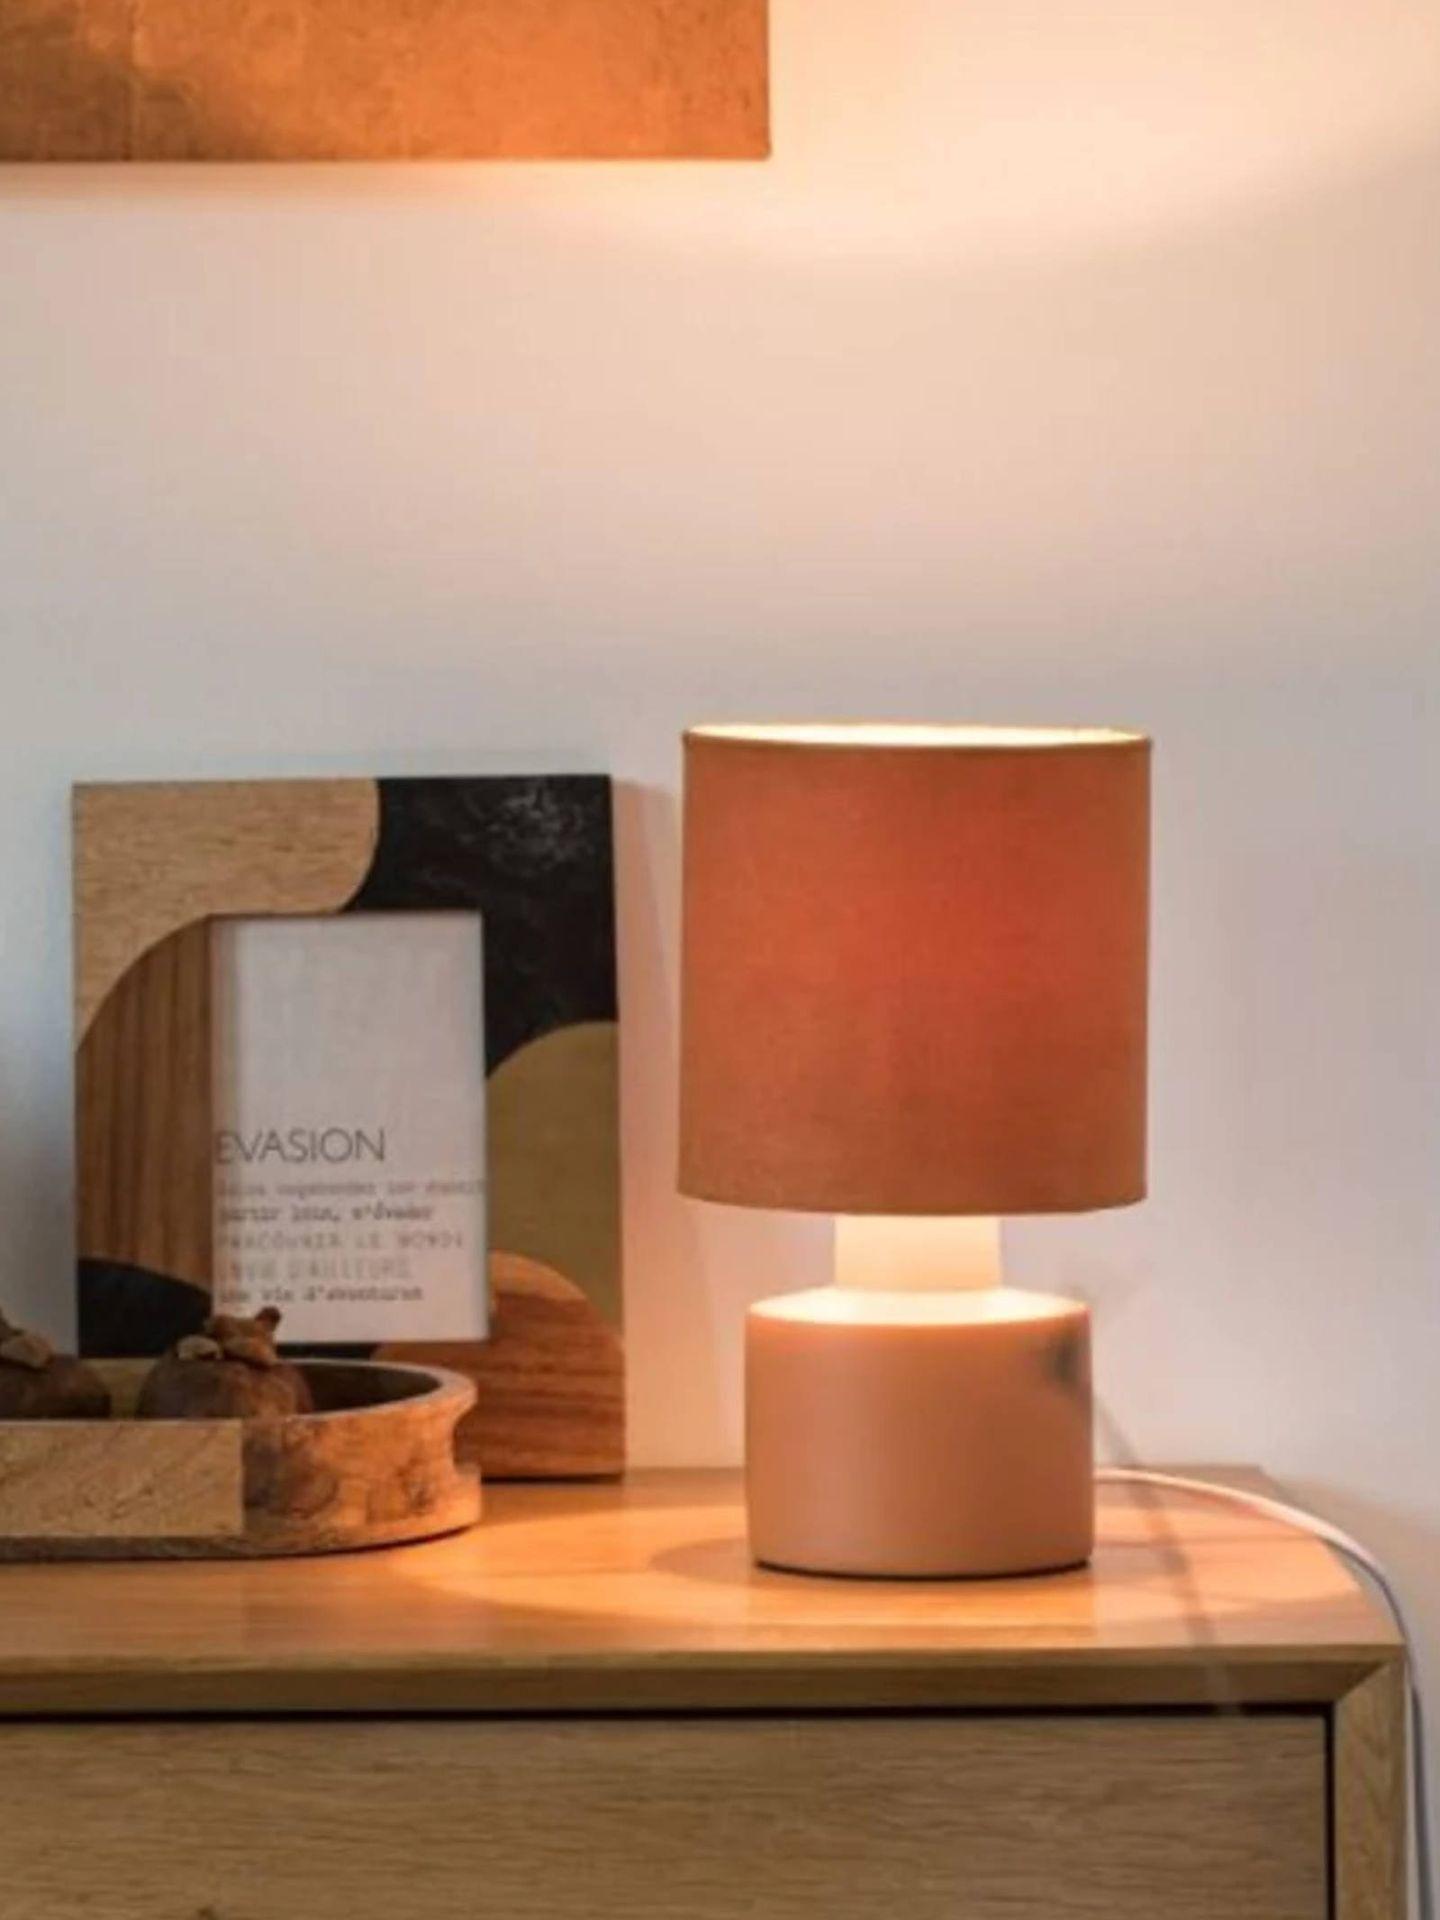 Lámparas estilosas y por menos de 20 euros como esta de Maisons du Monde. (Cortesía)